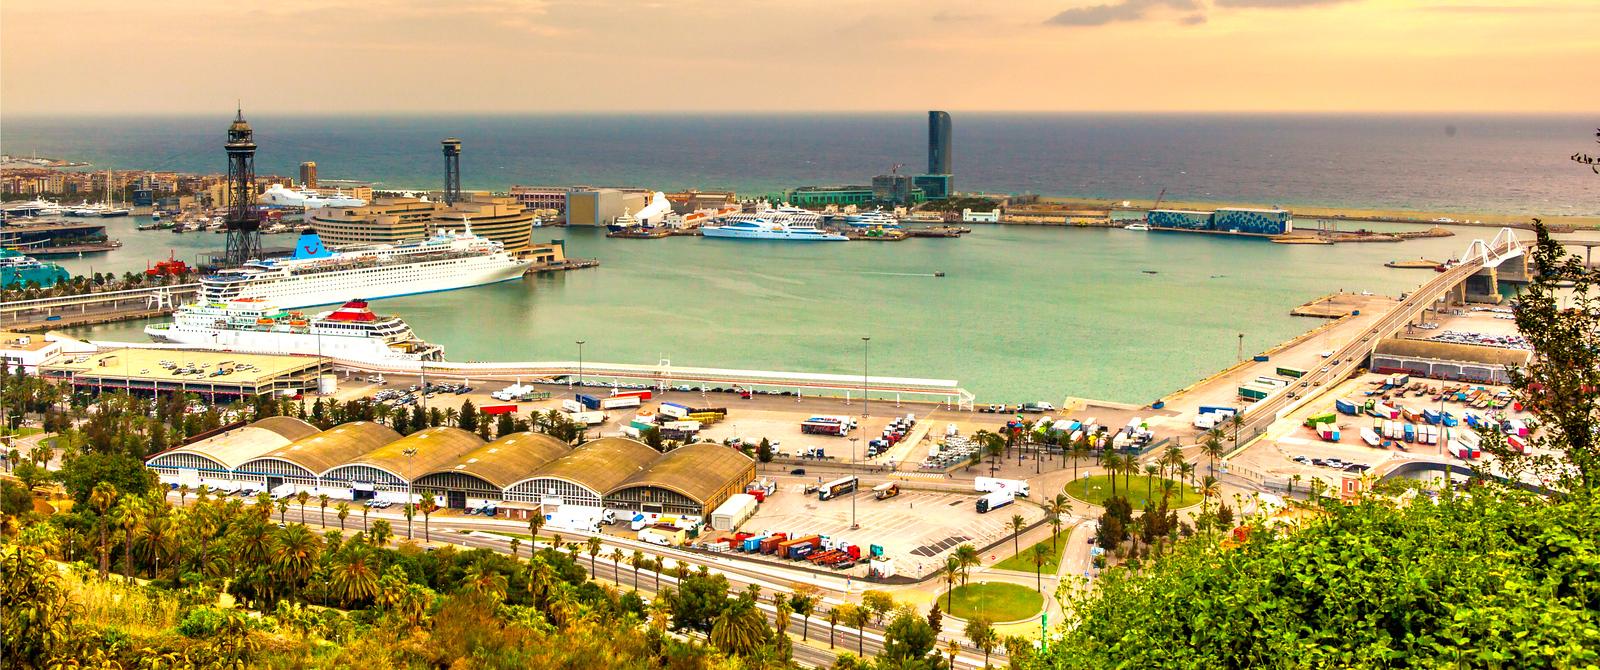 西班牙小岛,全景图